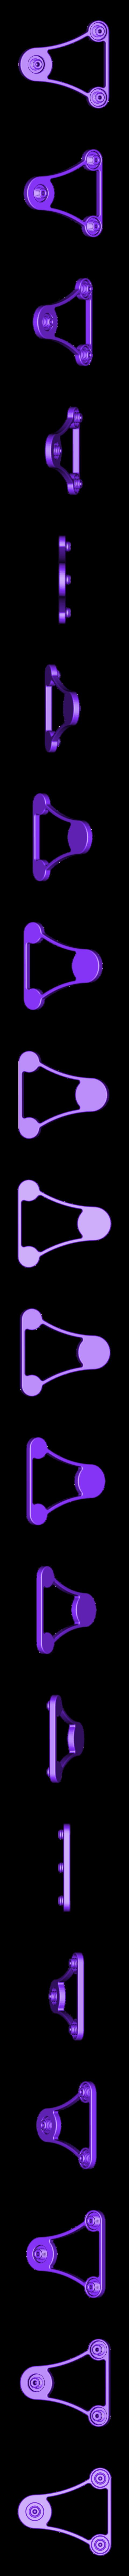 Standard_SmallTop_BaseArm.STL Télécharger fichier STL gratuit Le porte-bobine universel - Page principale • Design pour imprimante 3D, Balkhagal4D